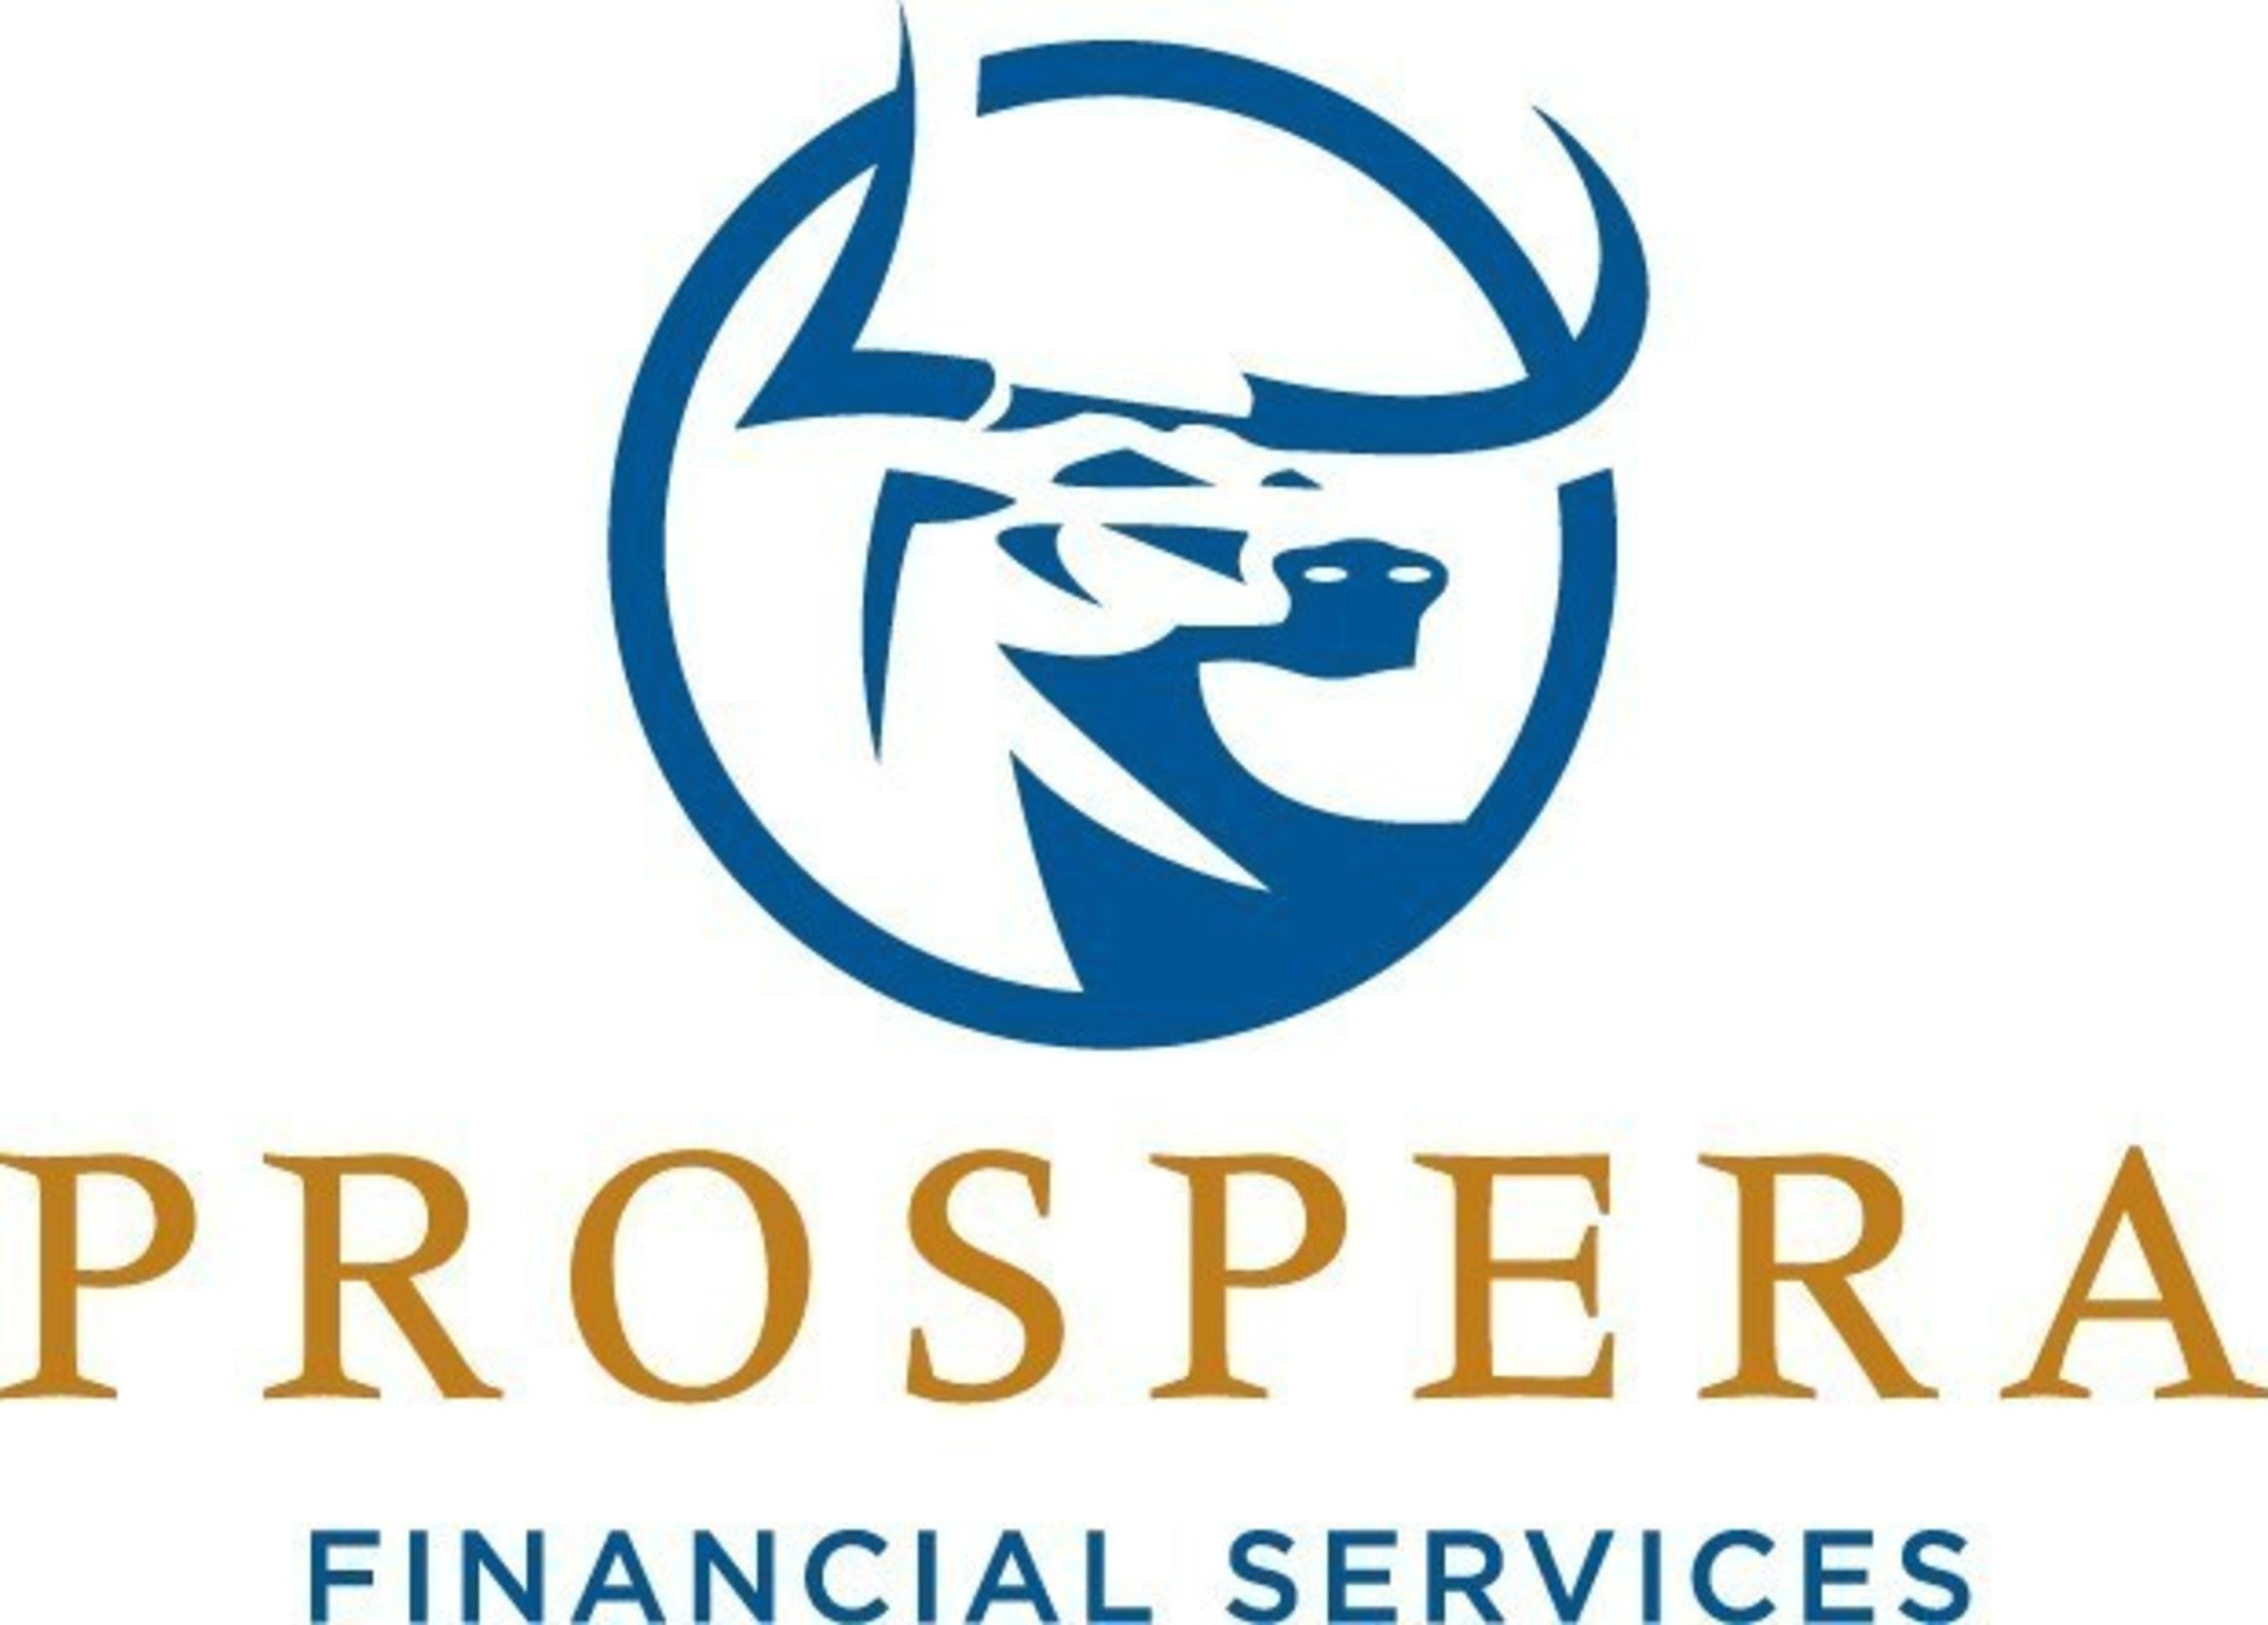 Boutique Independent Broker-Dealer, Prospera Financial Services, Welcomes Ascendant Financial